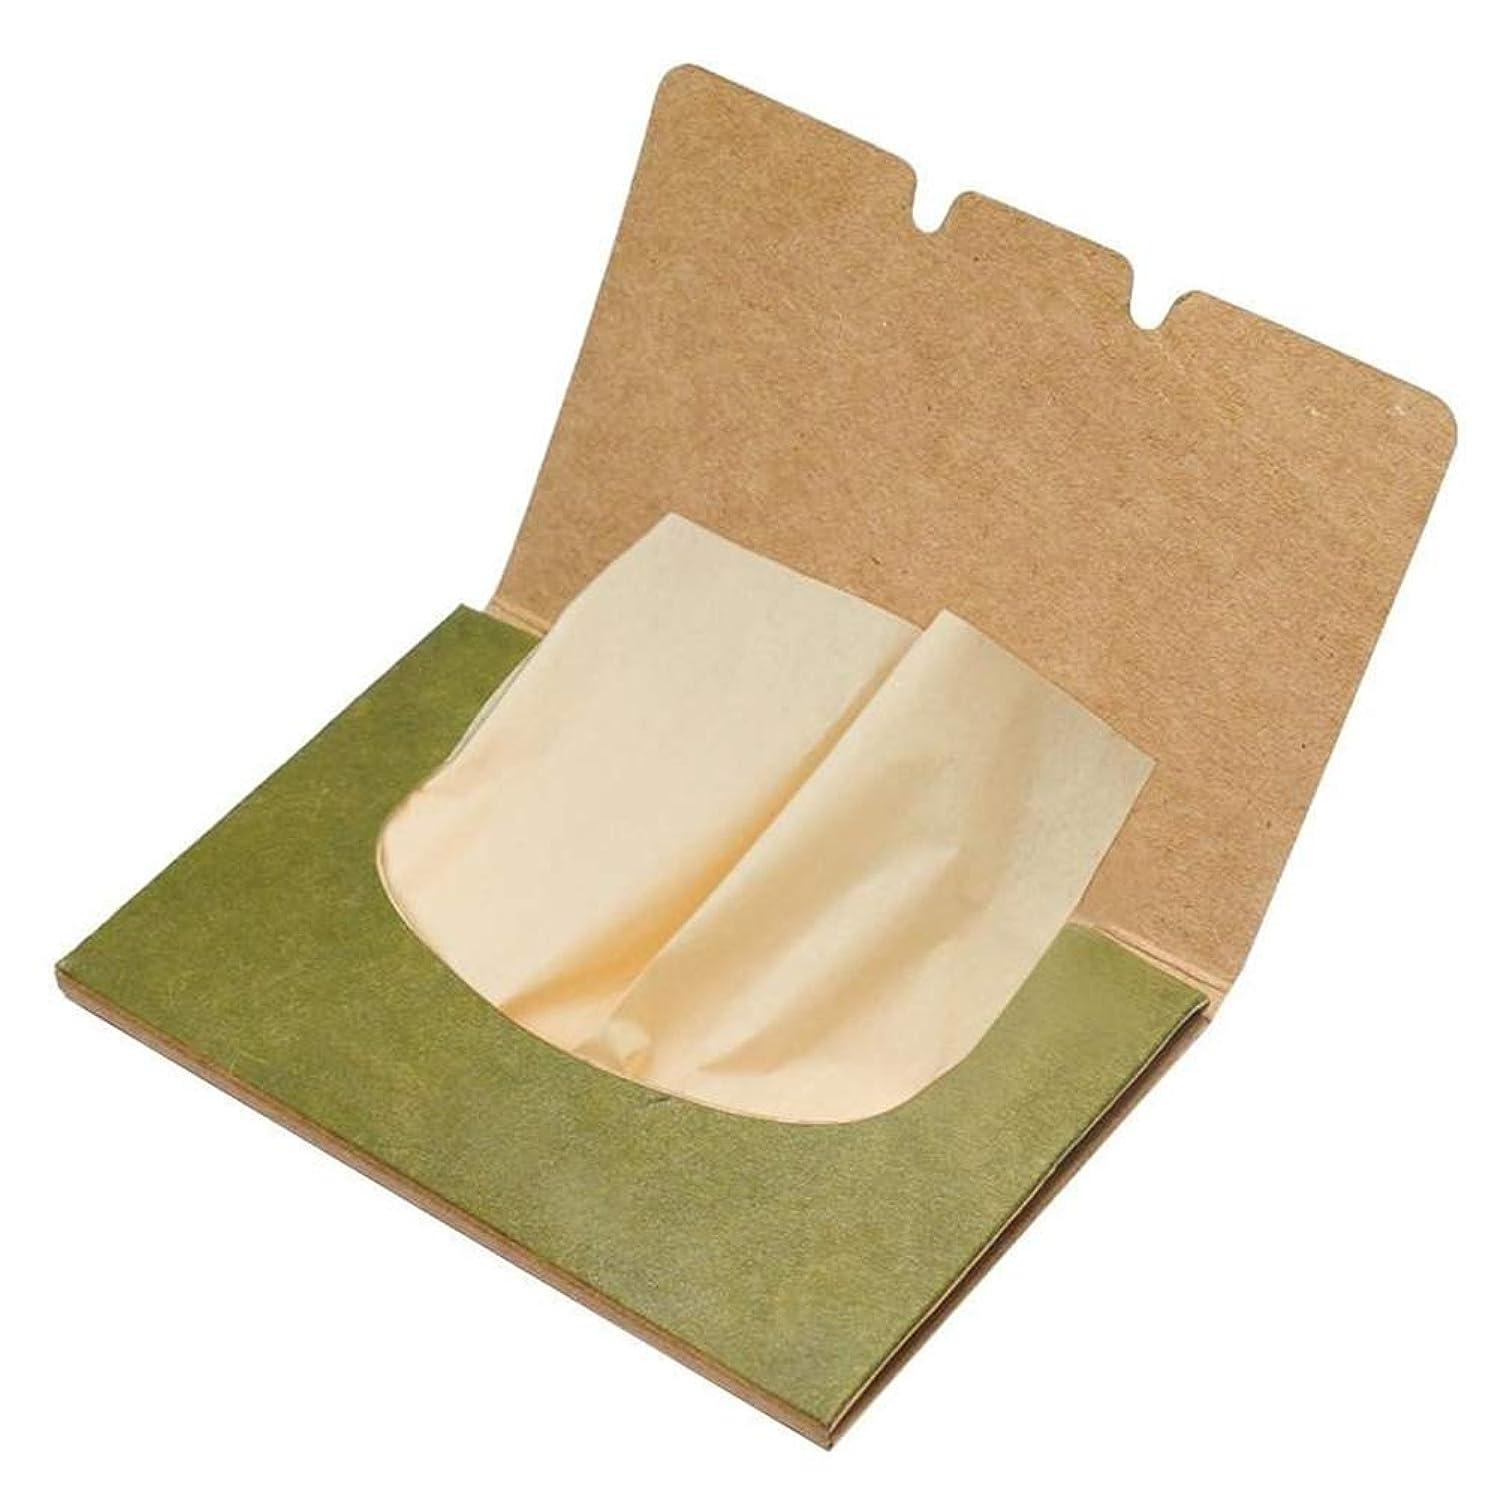 無臭火山学者そこオイルコントロールブロッティングペーパー緑茶ユニセックス効果的なオイル吸収穏やかな顔面吸引洗浄シートスキンケア美容ツールポータブル